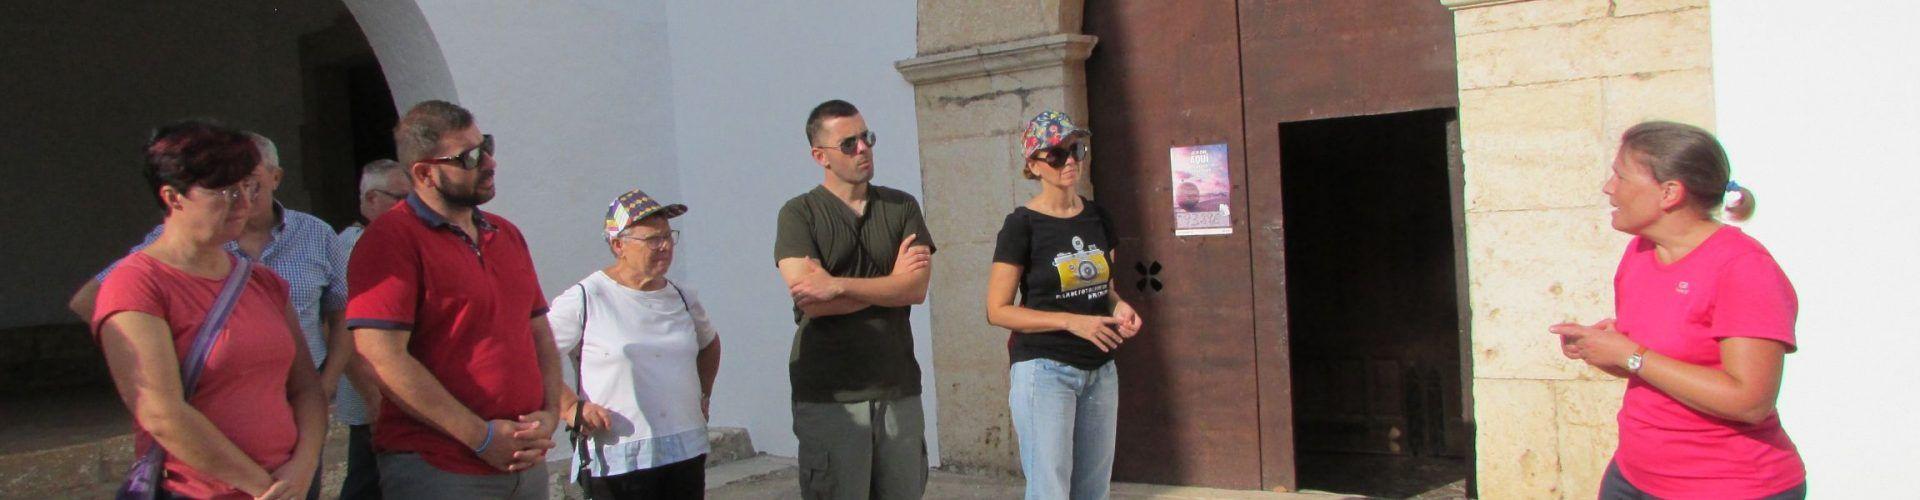 Visita guiada a l'ermita del Remei d'Alcanar